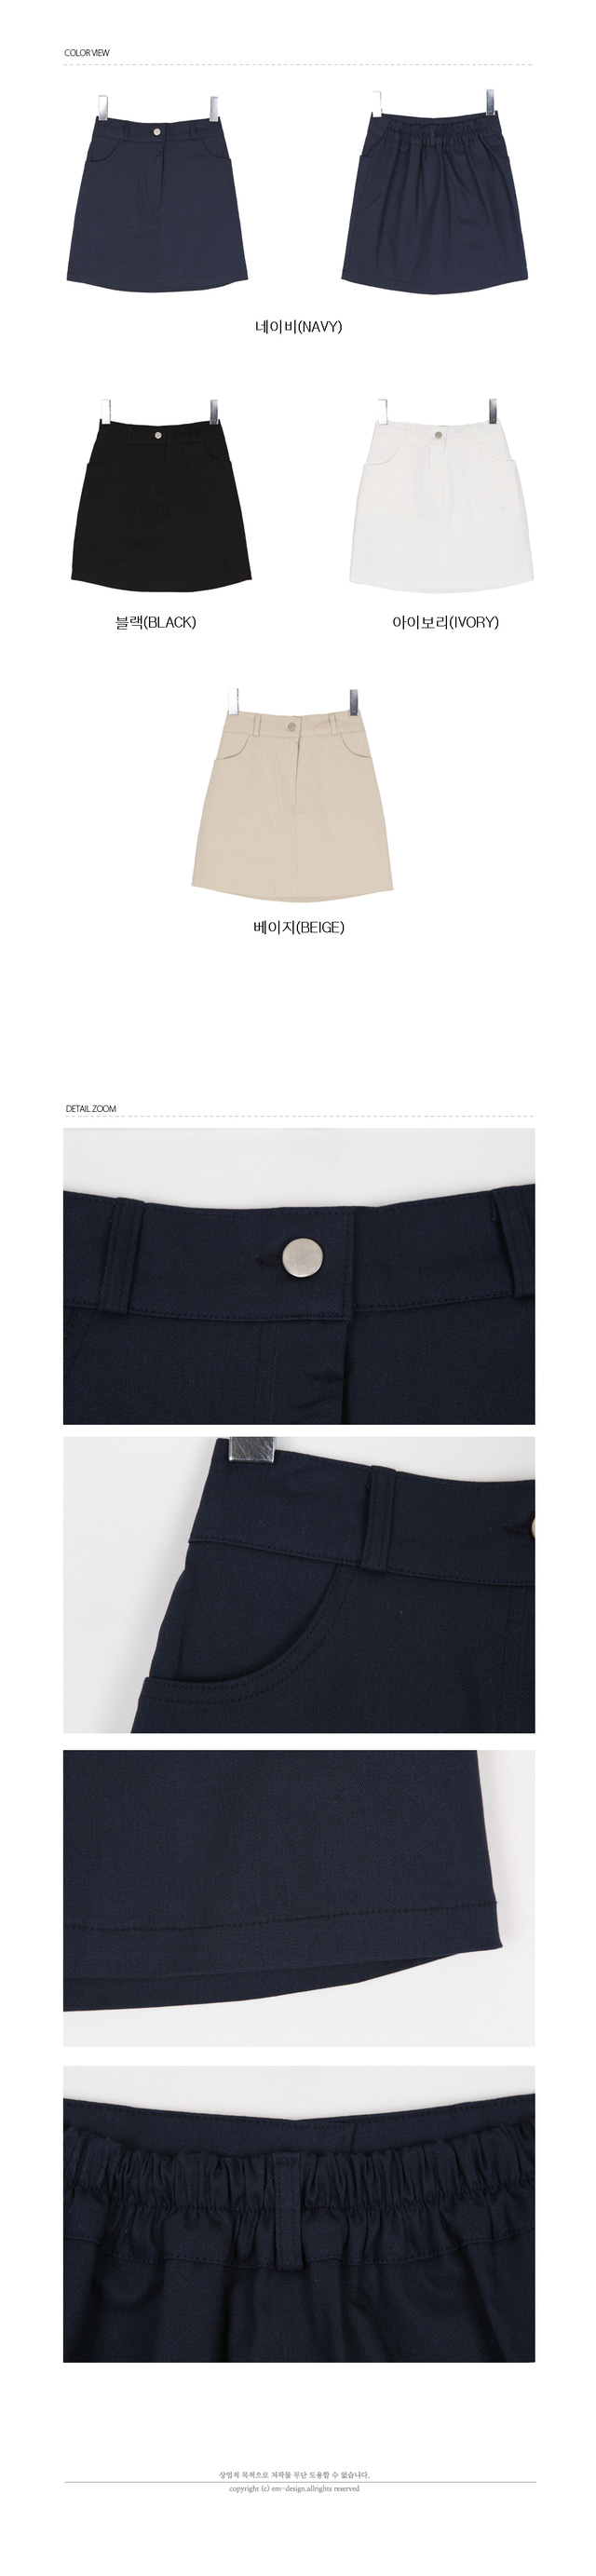 Spring sun mini skirt